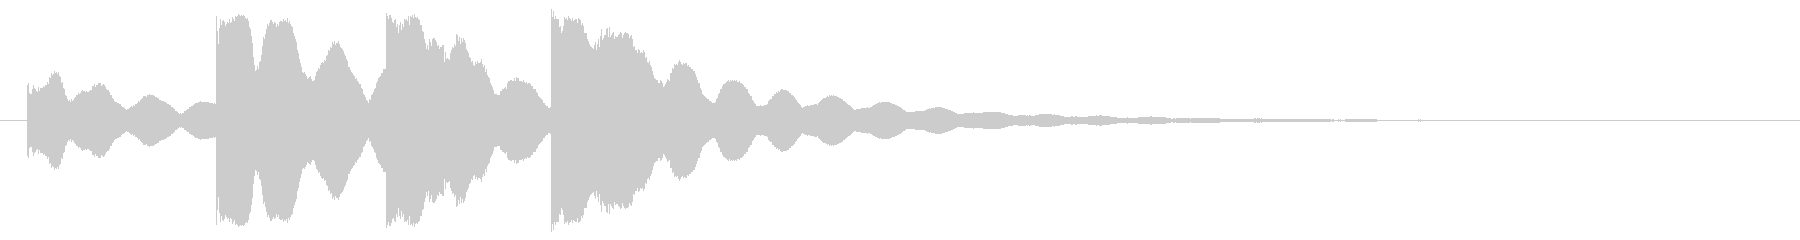 ハンドベル2;小さなハンドベル、中...の未再生の波形